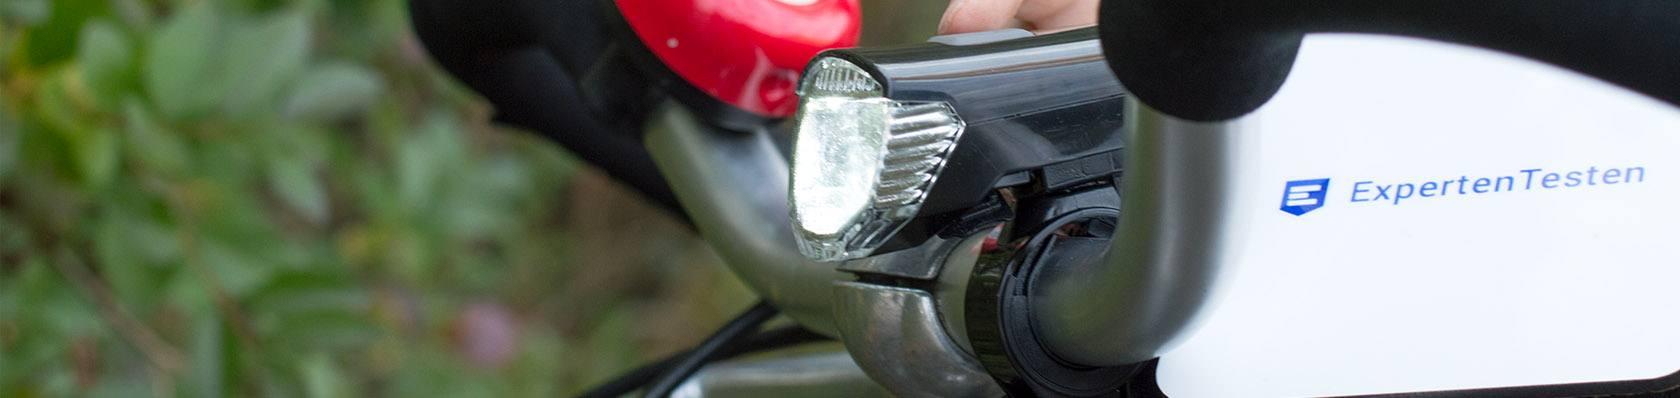 Fahrradbeleuchtungen im Test auf ExpertenTesten.de